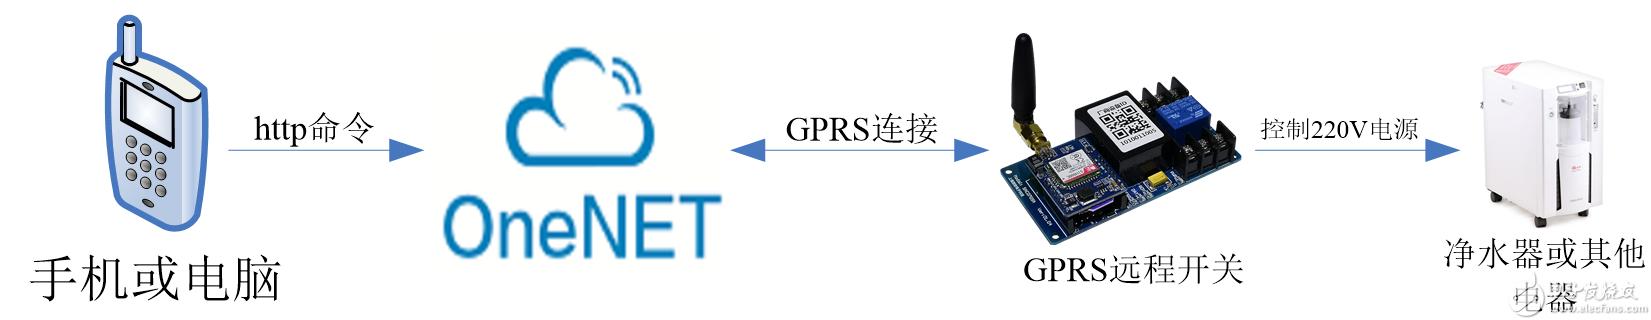 基于GPRS远程开关和OneNET平台实现共享净水机控制